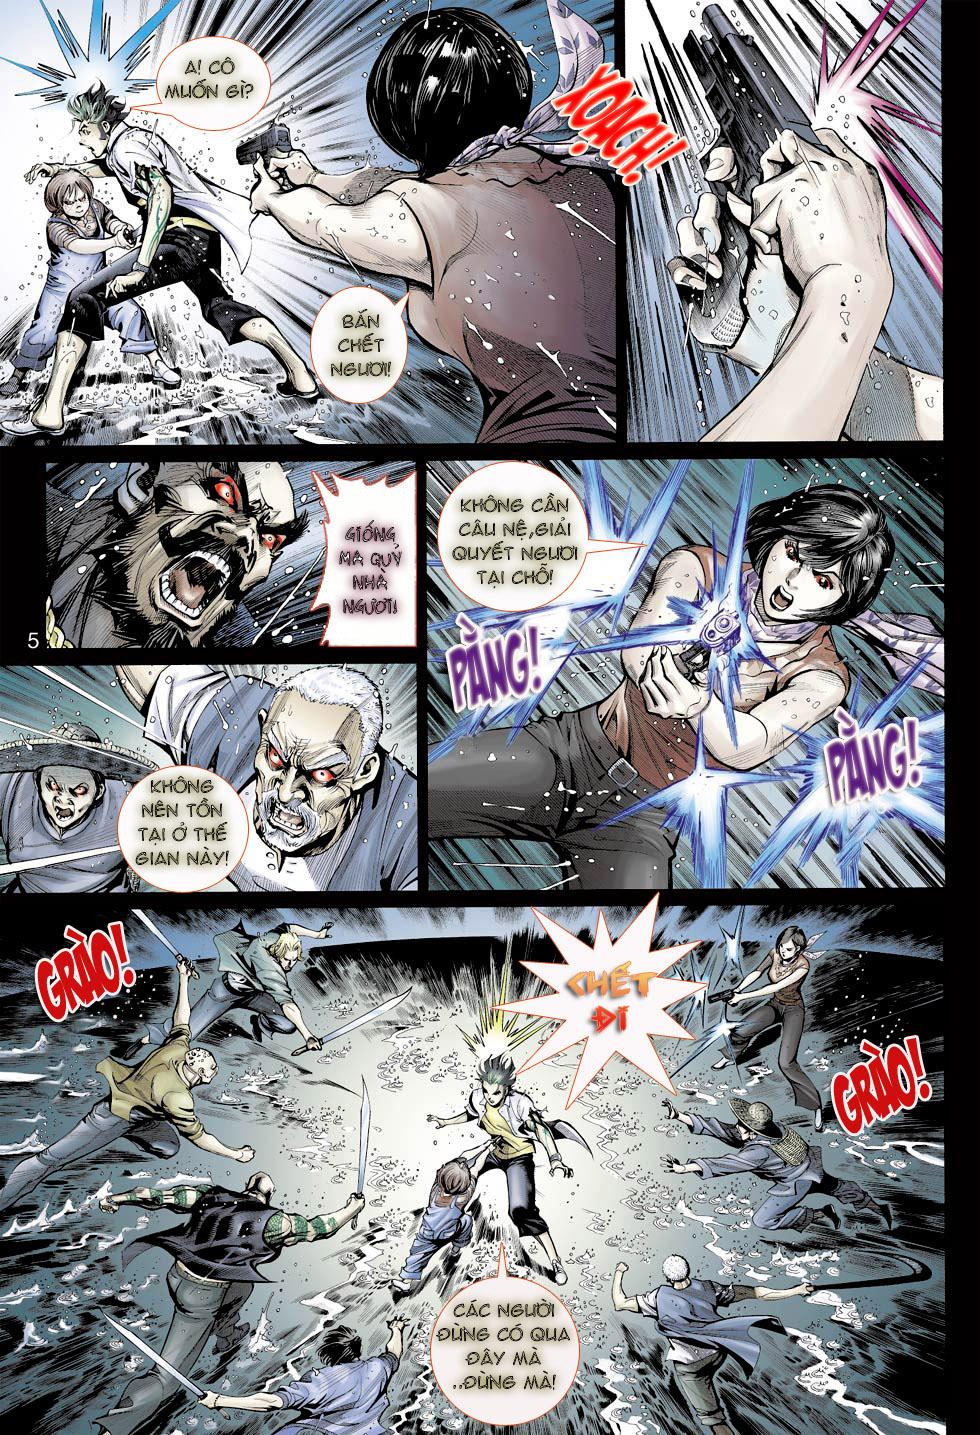 Thần Binh 4 chap 23 - Trang 5